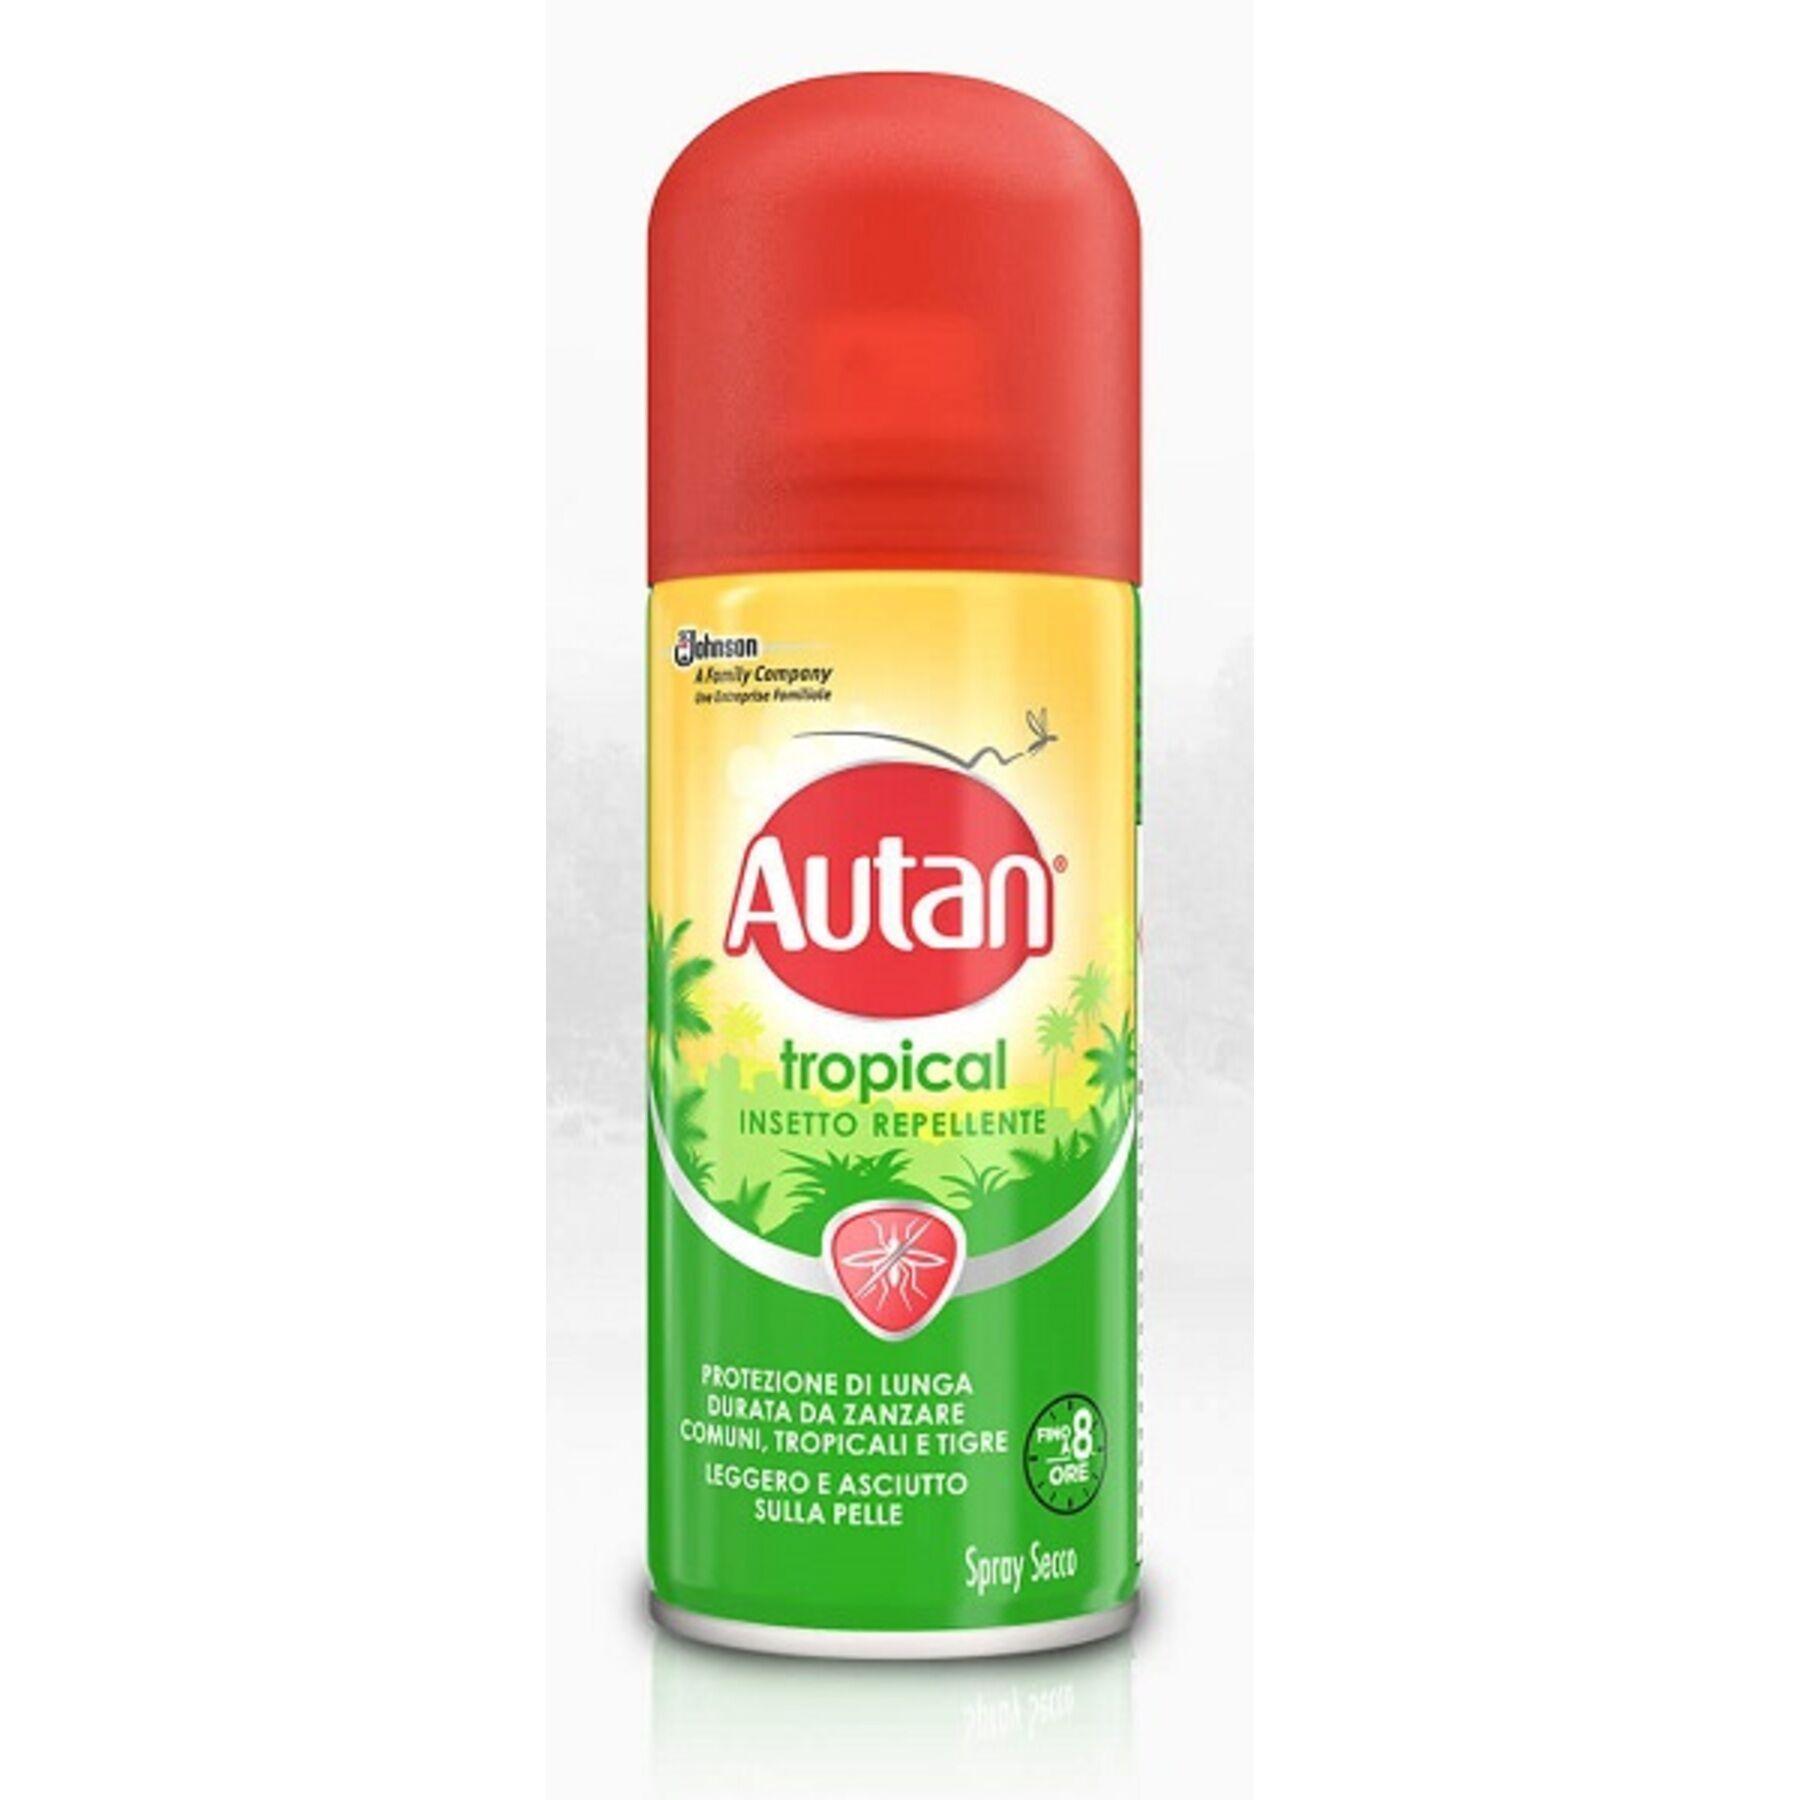 sc johnson italy srl autan tropical spray secco 100 ml